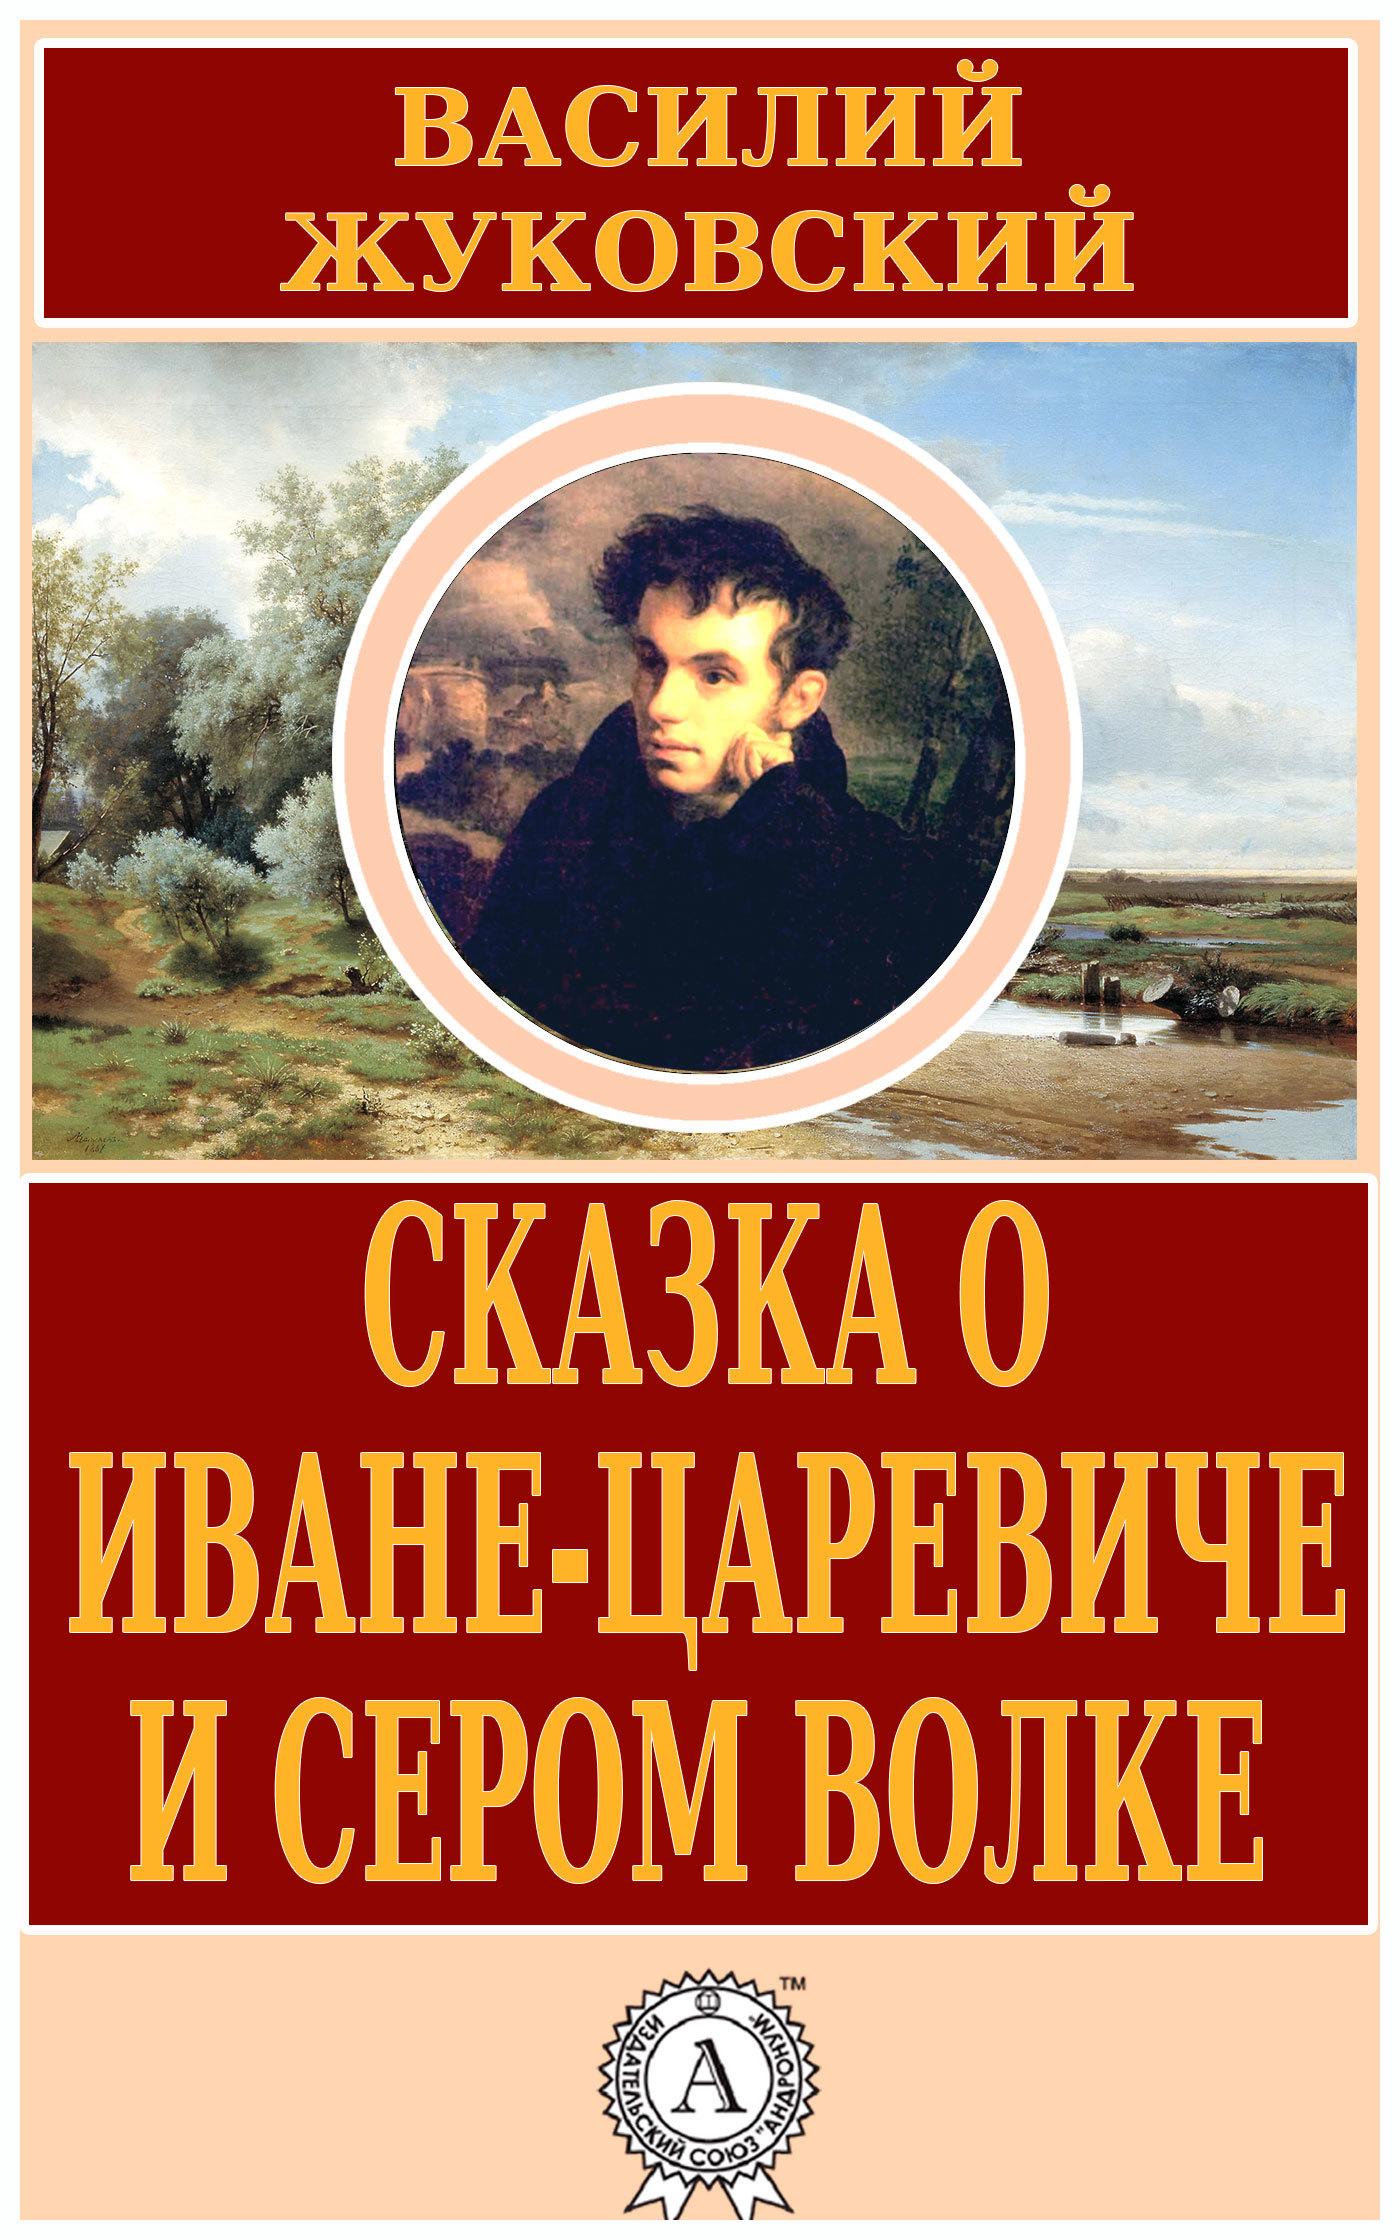 Василий Андреевич Жуковский бесплатно